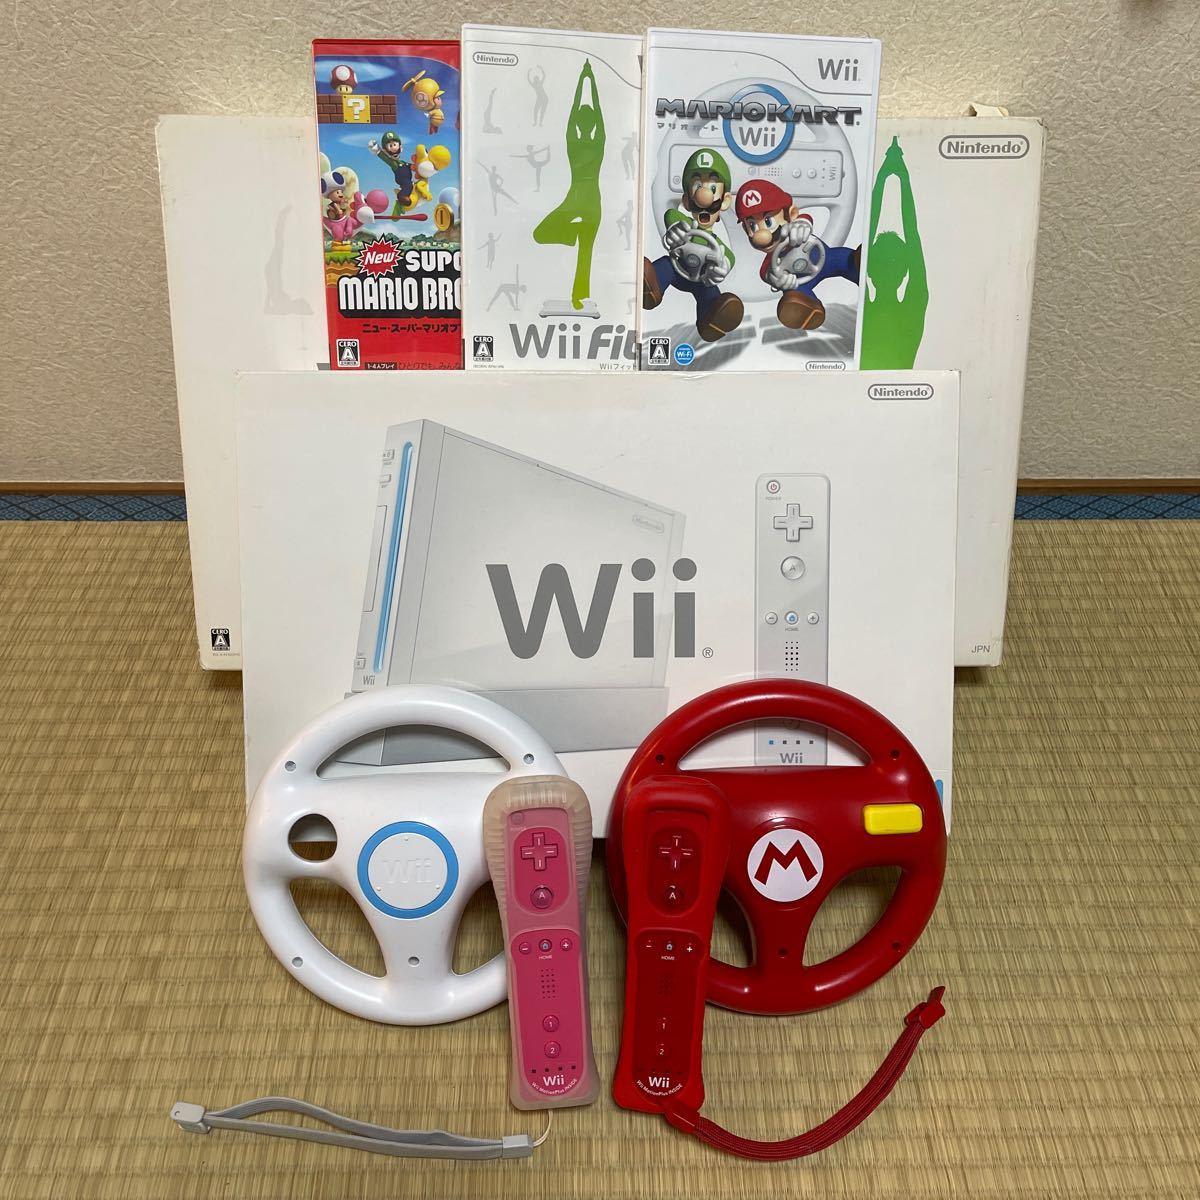 マリオカート Wii Wii Fit ソフト 周辺機器